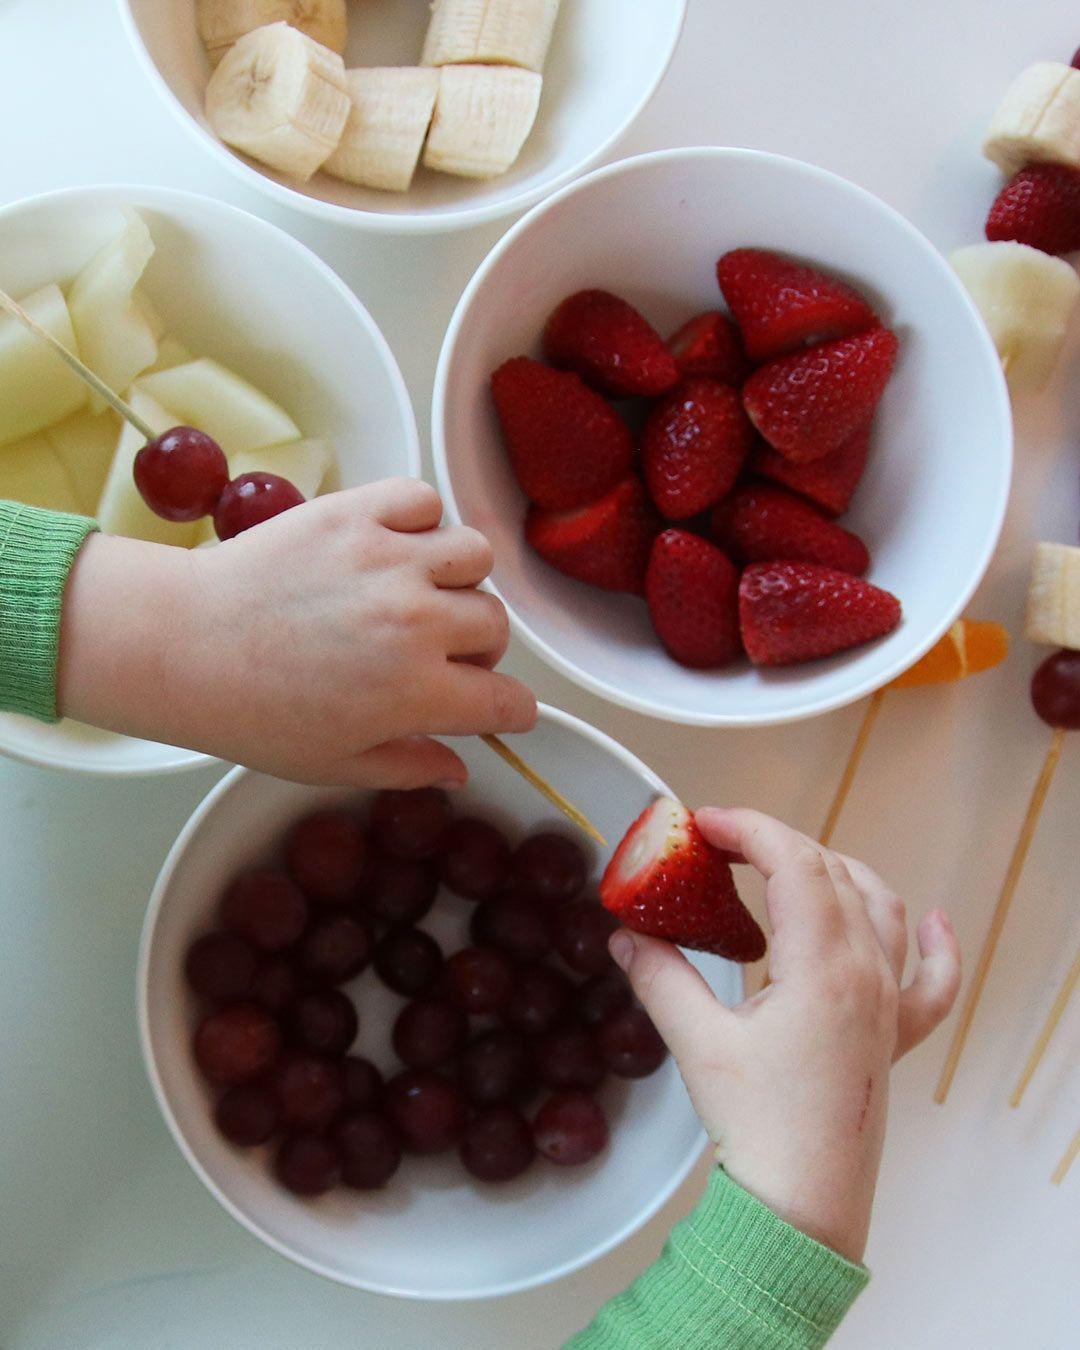 Lag fruktspyd til mor!